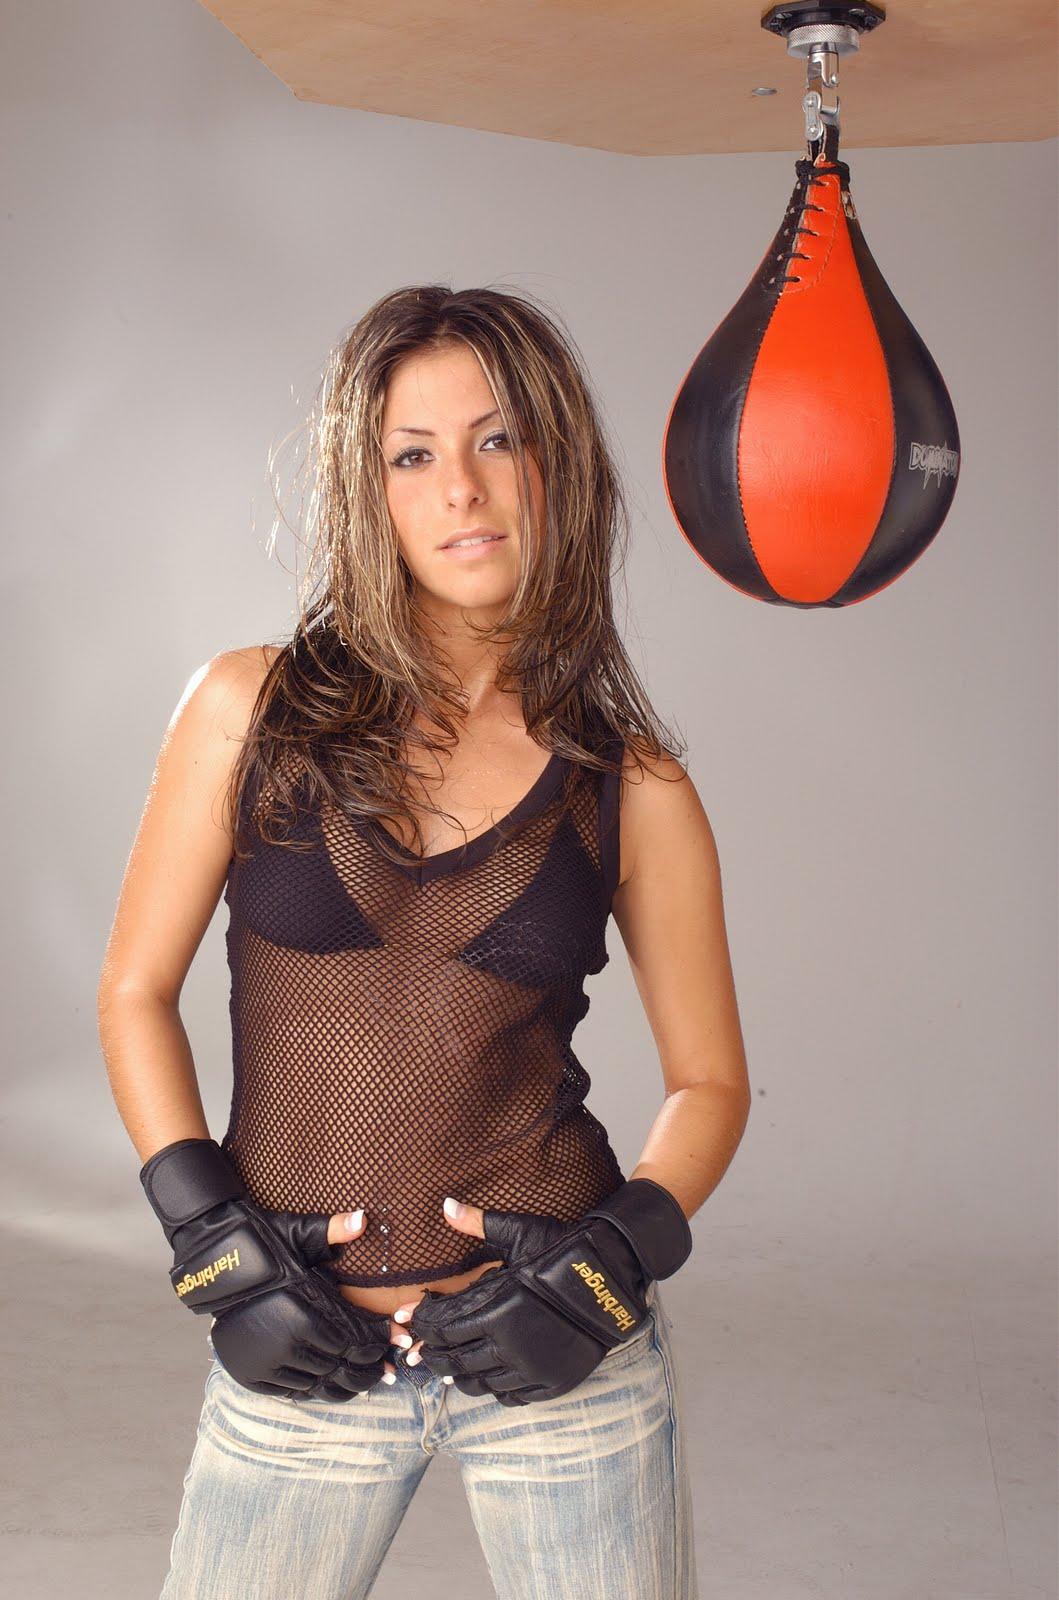 http://4.bp.blogspot.com/-ksqMqrHGwGs/TeK_2pkHR2I/AAAAAAAABEs/x1eud30eAmU/s1600/G%25C3%25BClcan+Kamps+Boxing+Shoot+%252812%2529.jpg